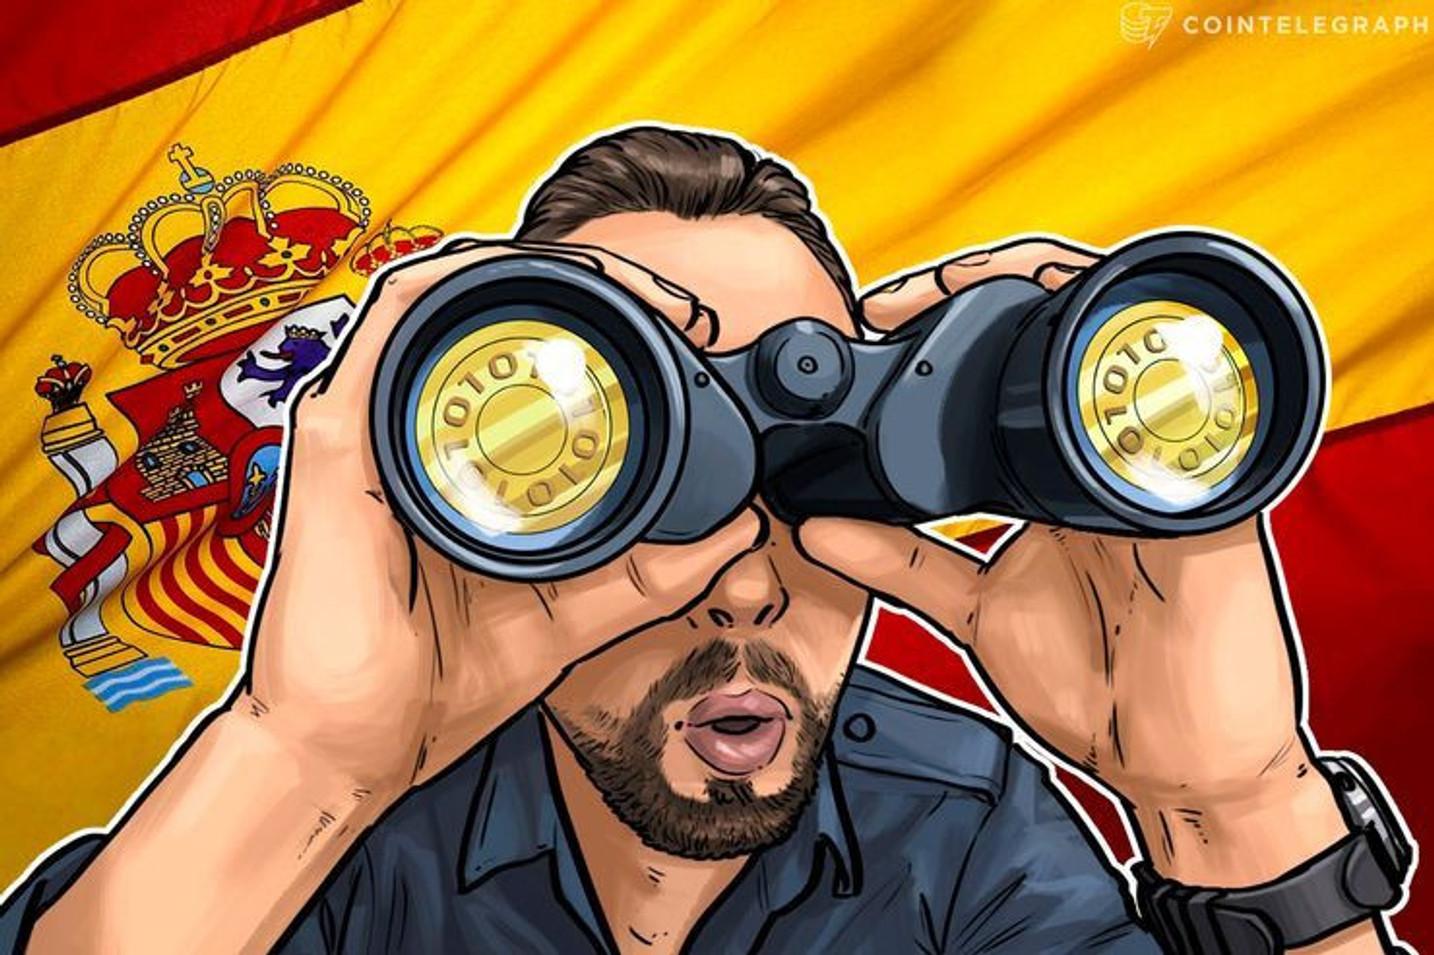 ¿Qué tan mal está la economía en España? Oportunidad para el sector Fintech y Blockchain